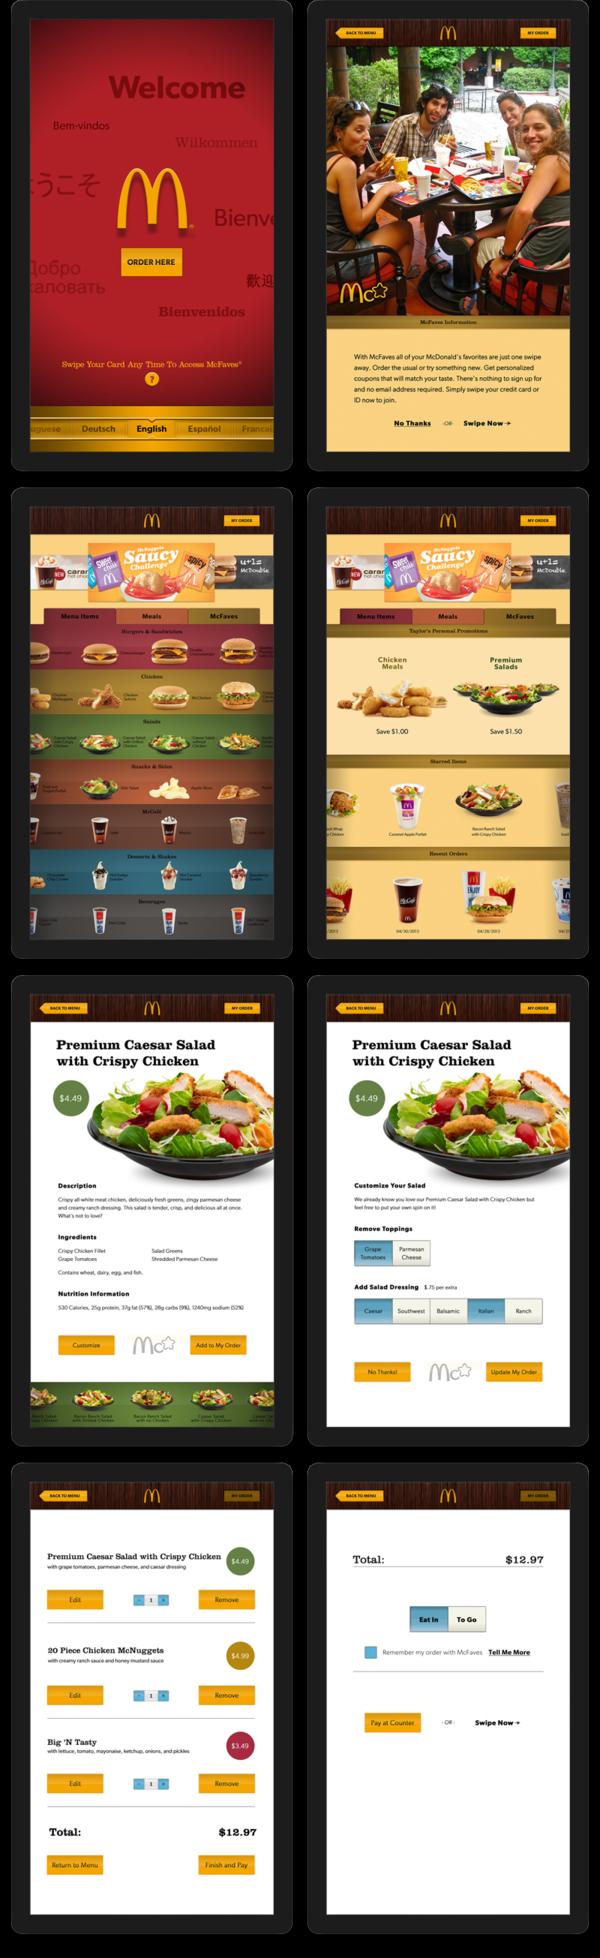 Interactive McDonald's Menu by Matt Volenec, via Behance